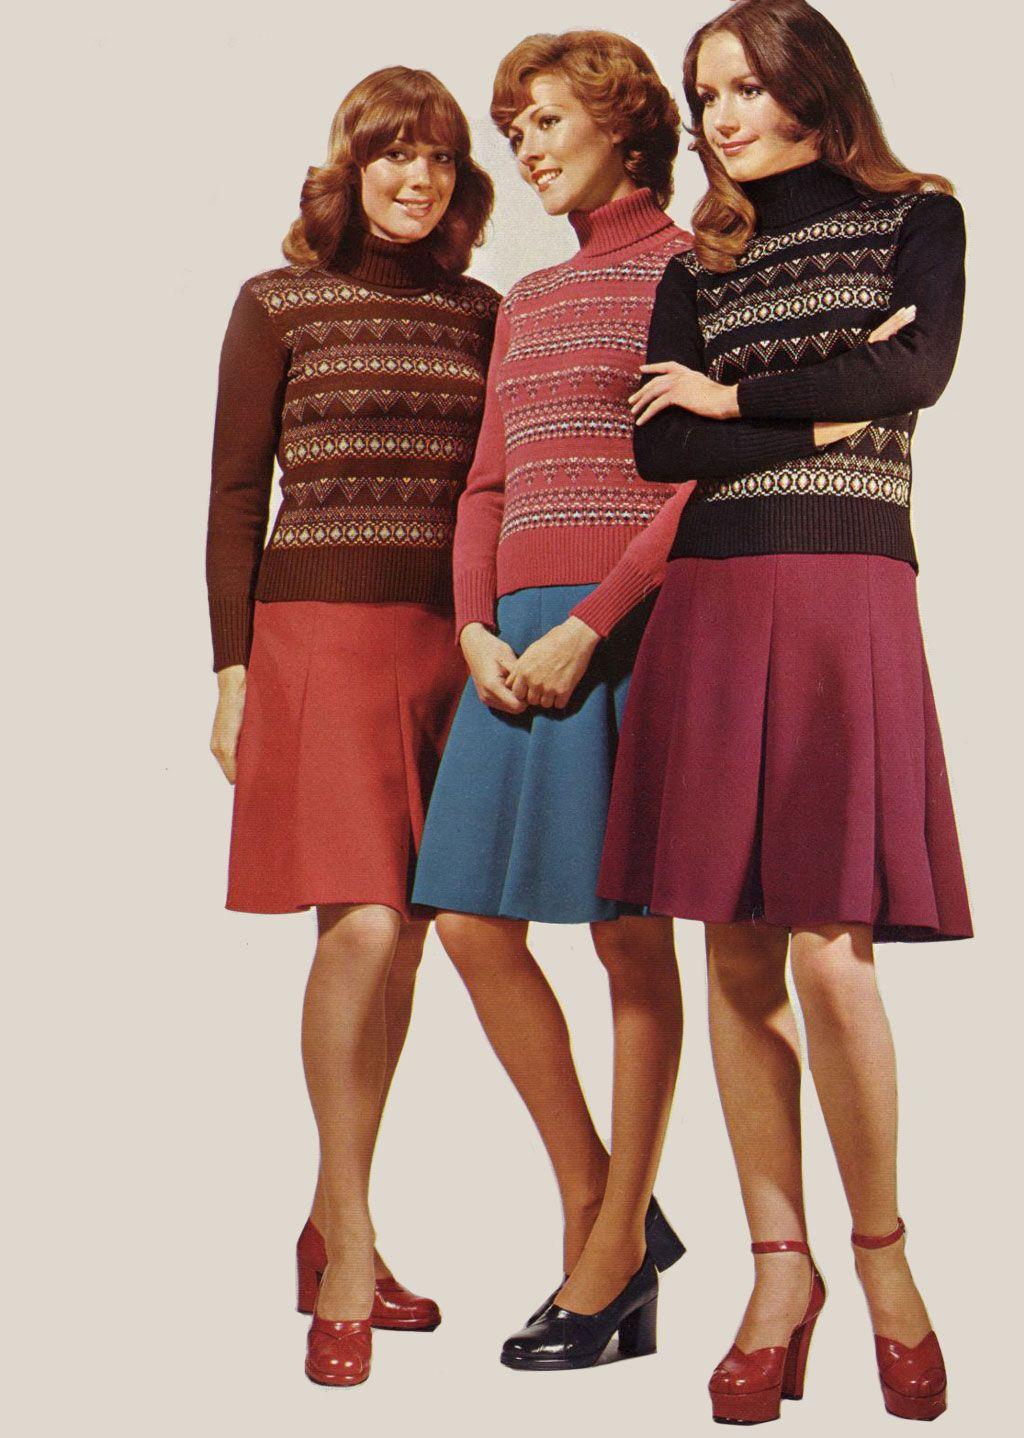 0eae658fd3a53e23caef3d0b57a4970e googles billedresultat for retro makeyourown styleguide com,Womens Clothing 70s